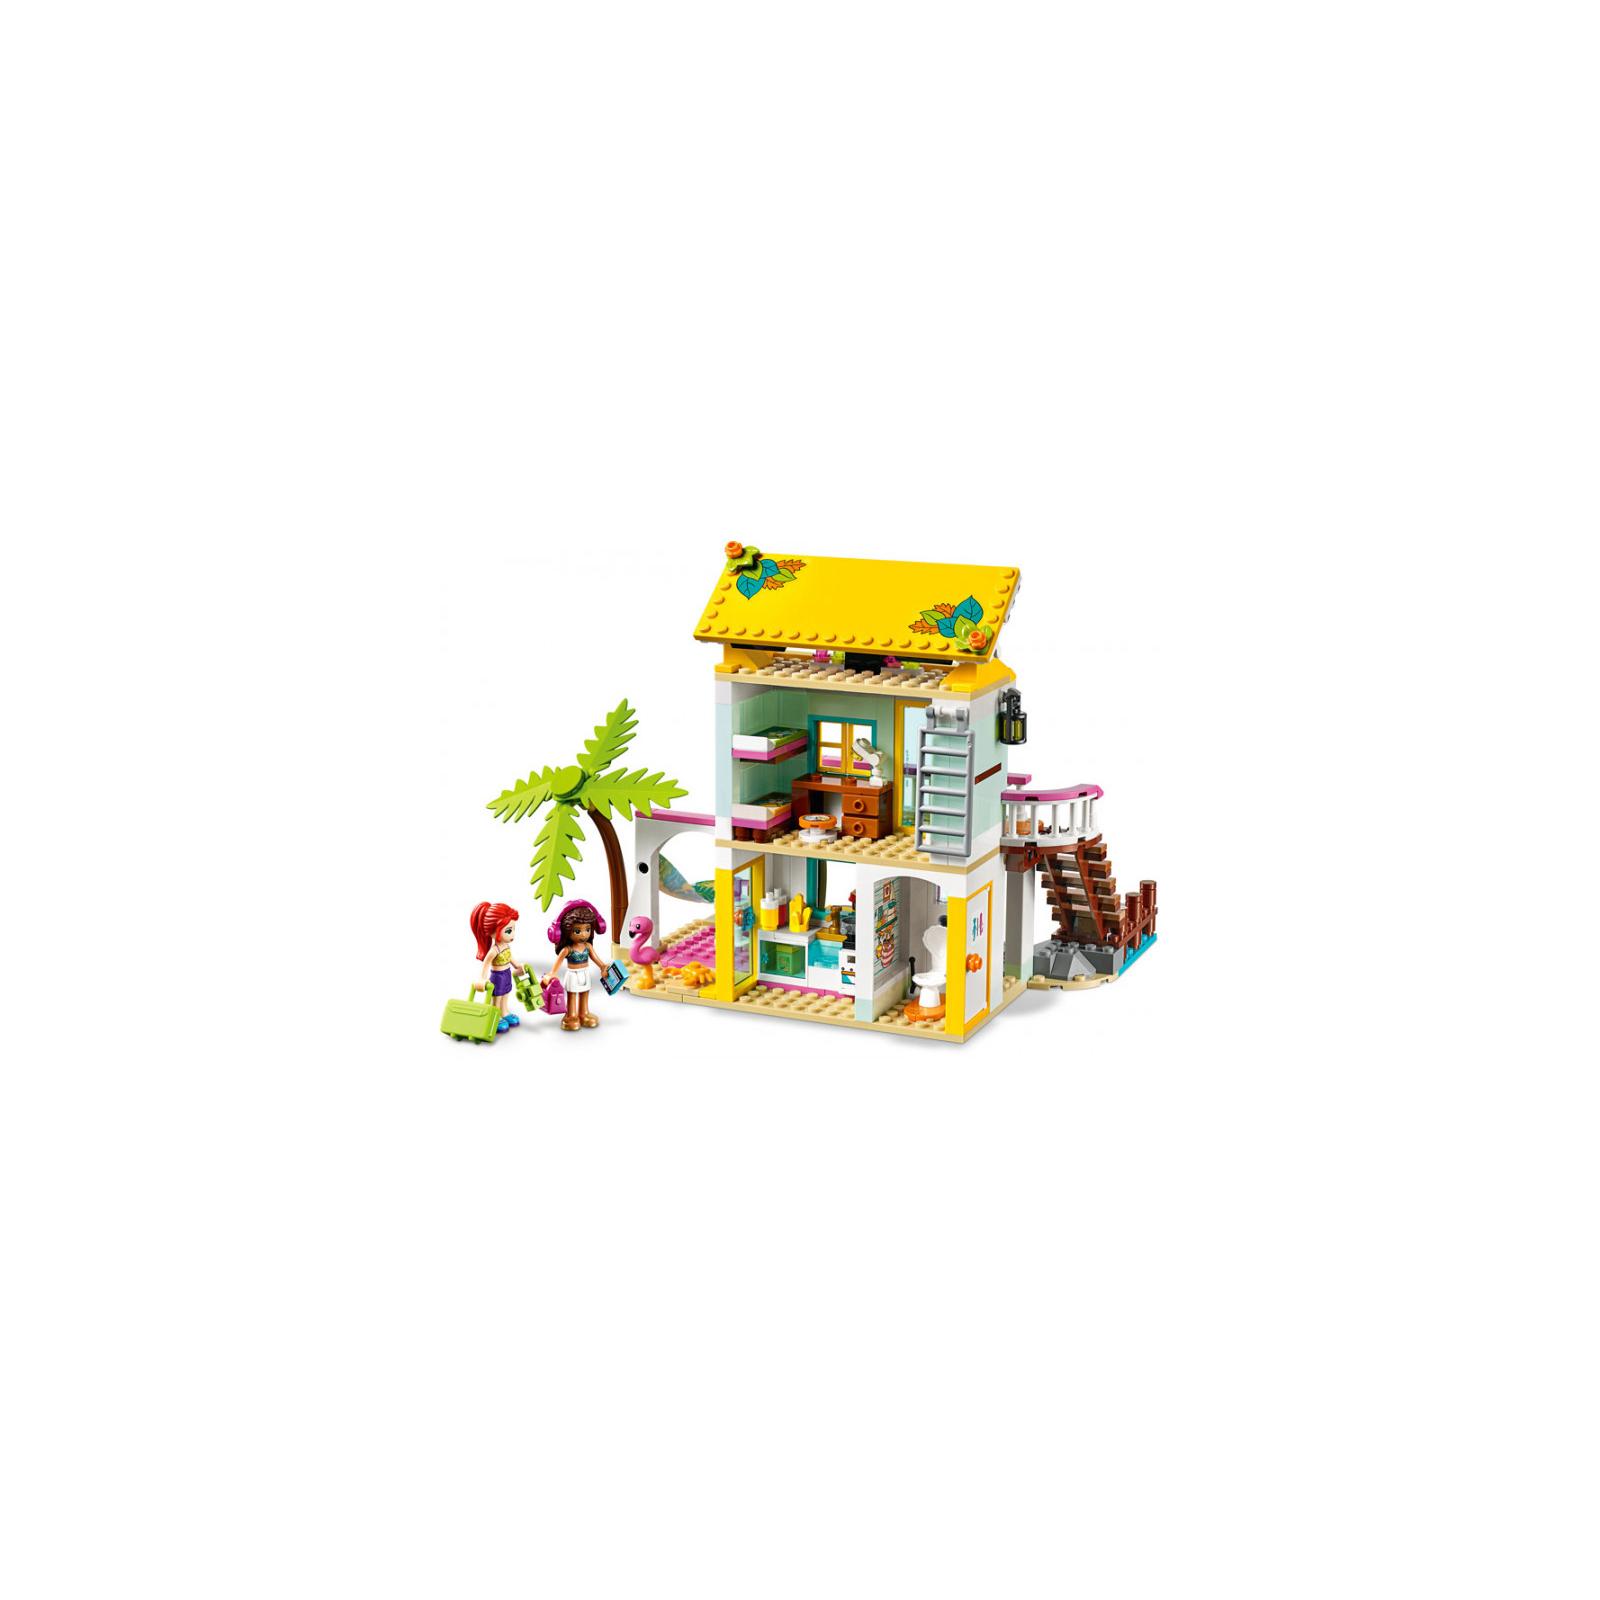 Конструктор LEGO Friends Пляжный домик 444 детали (41428) изображение 3